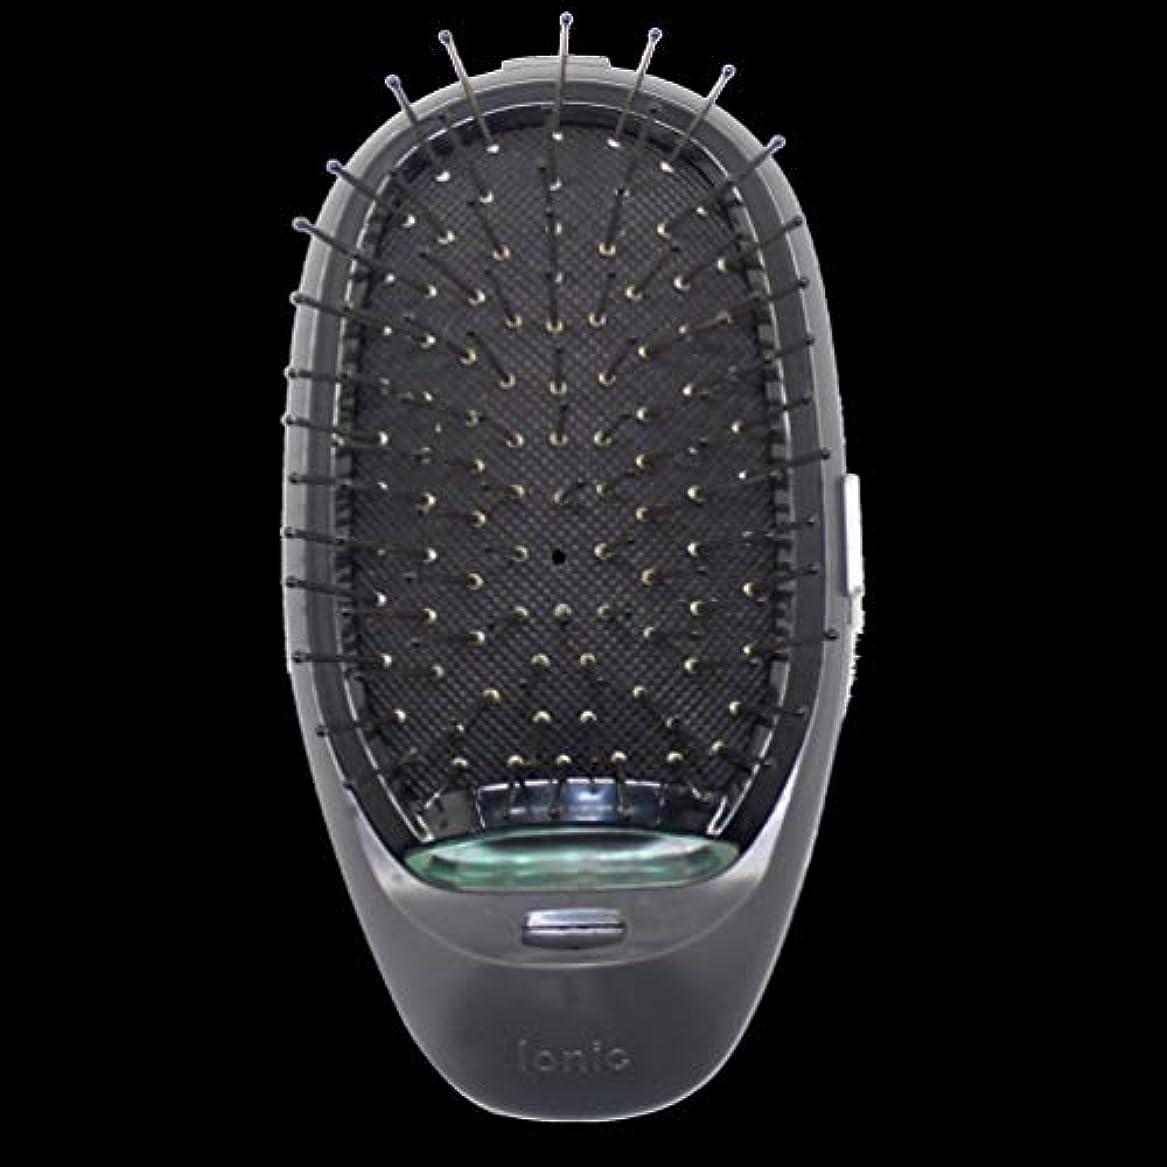 女の子ハイランド速度電動マッサージヘアブラシミニマイナスイオンヘアコム3Dインフレータブルコーム帯電防止ガールズヘアブラシ電池式 - ブラック